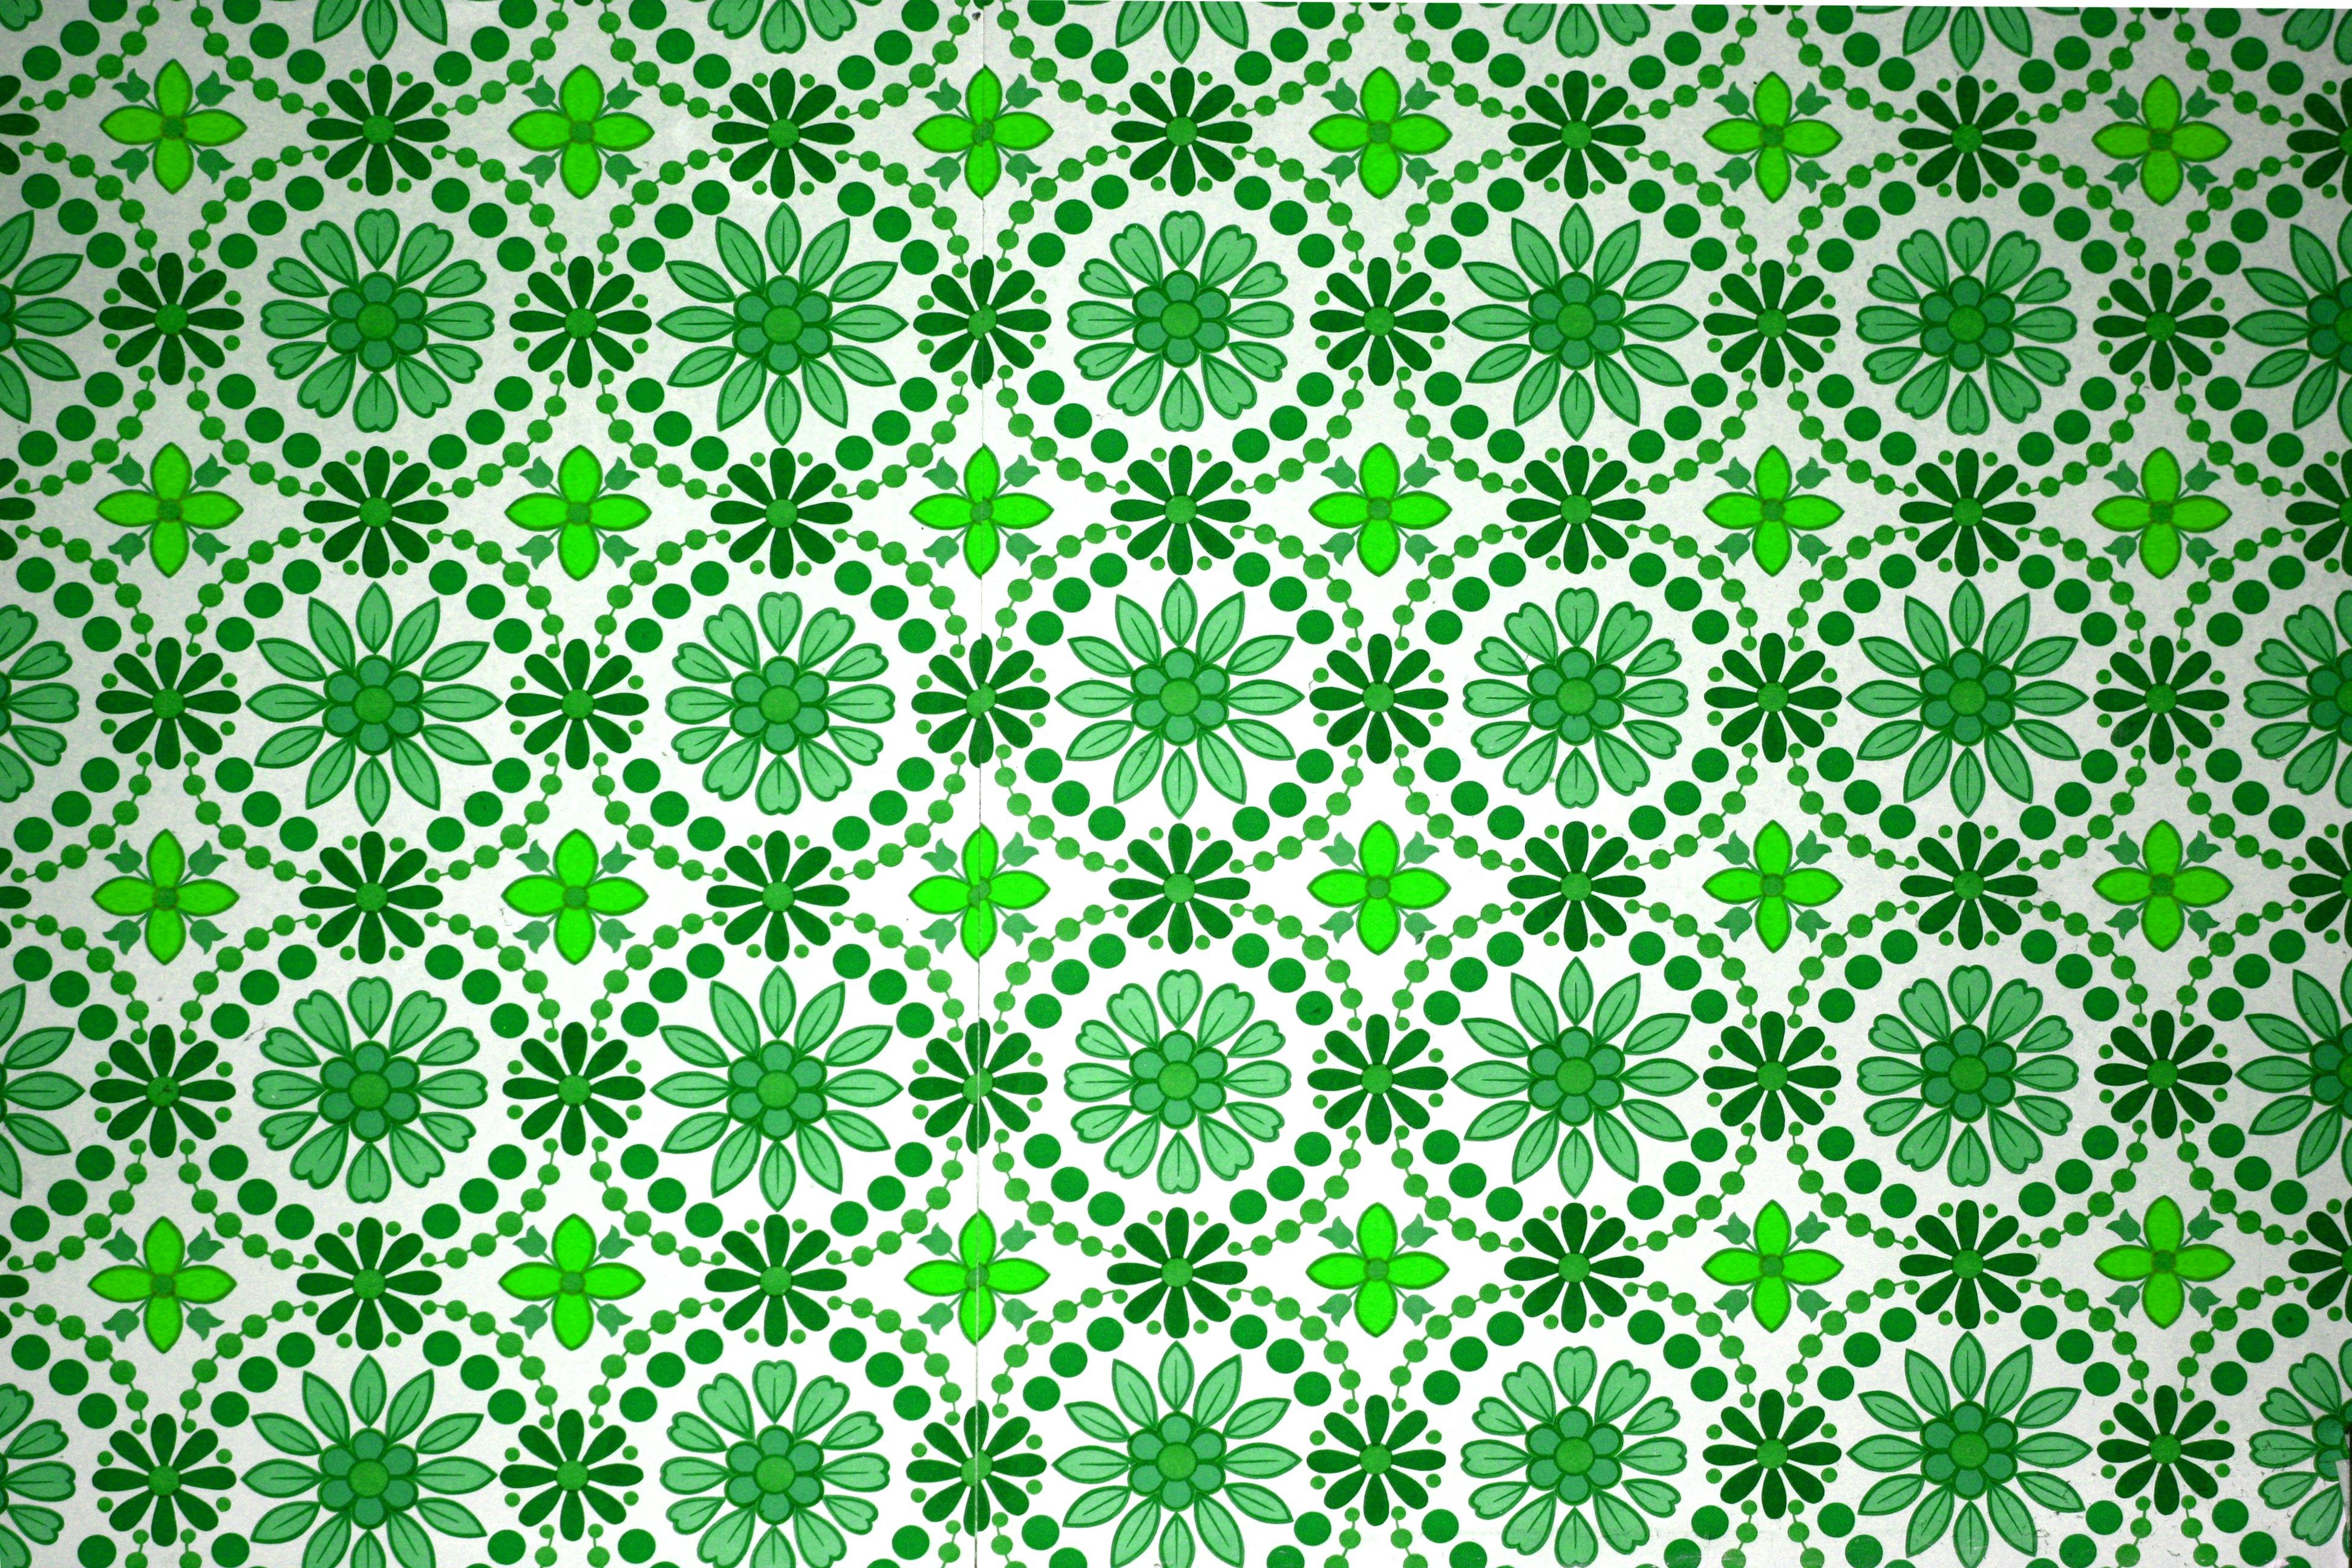 Green flower textures